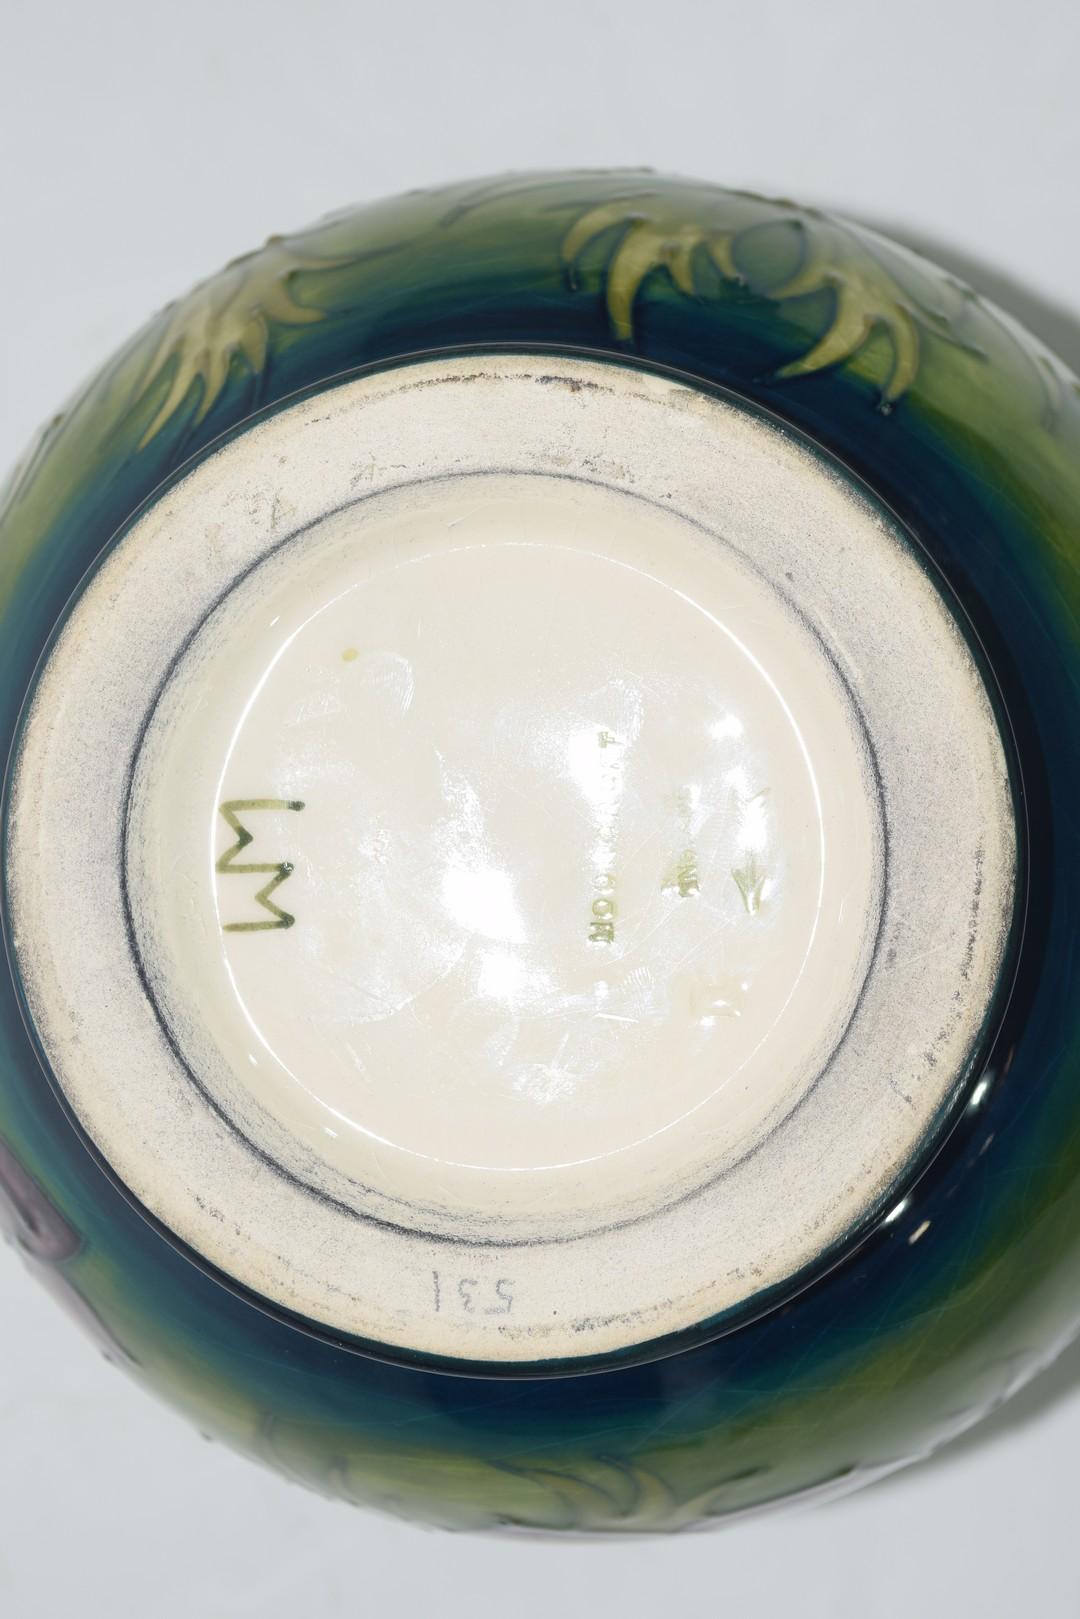 Globular Moorcroft vase - Image 7 of 8